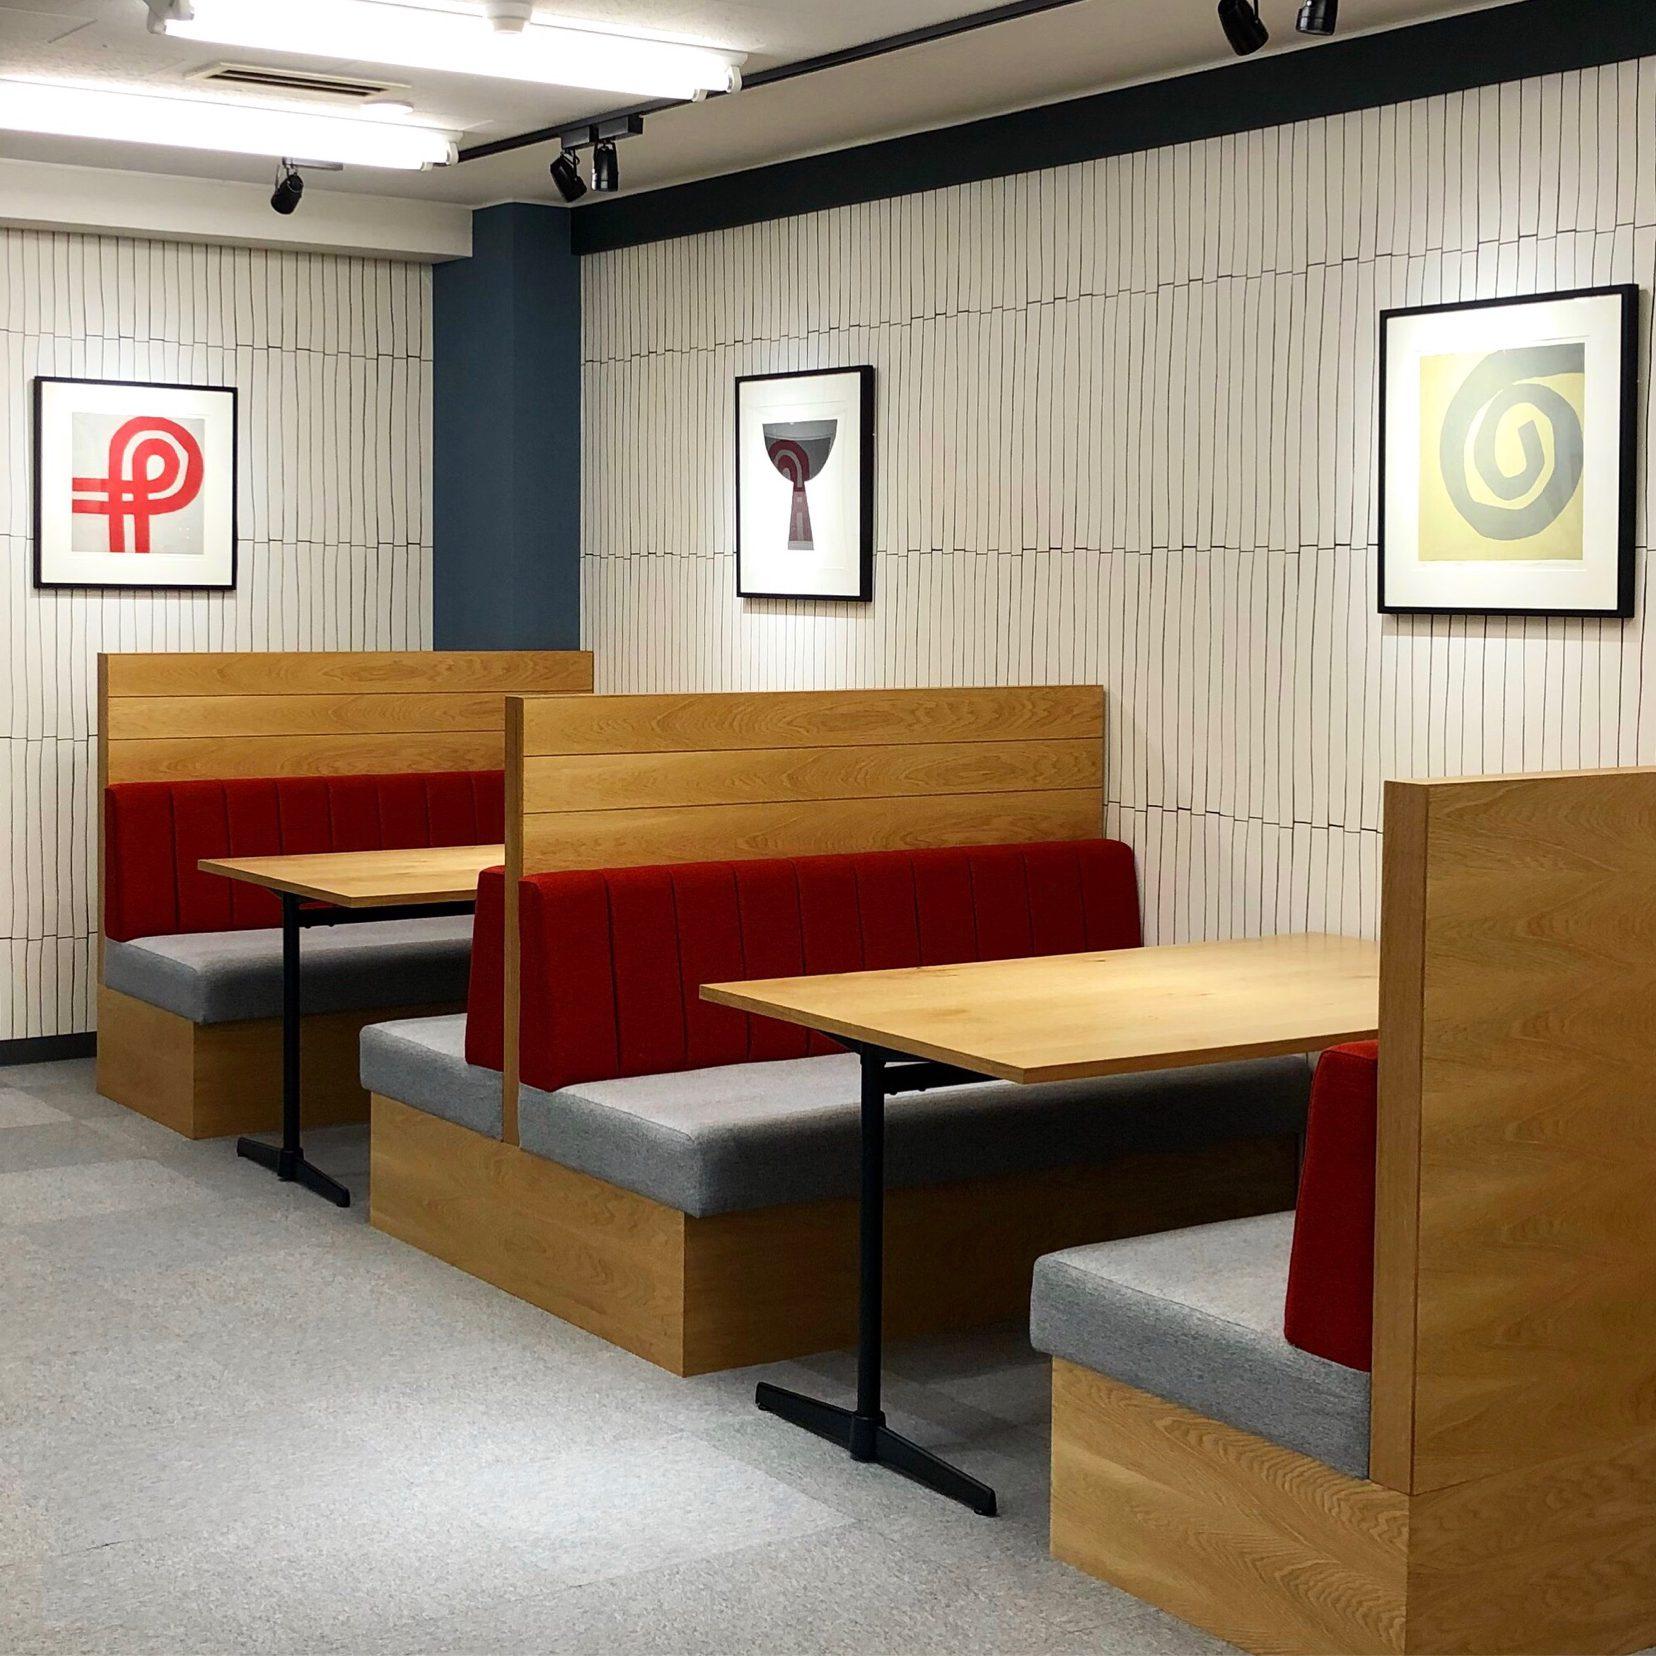 東京マンションのアート&インテリアコーディネート事例Studio del Sol